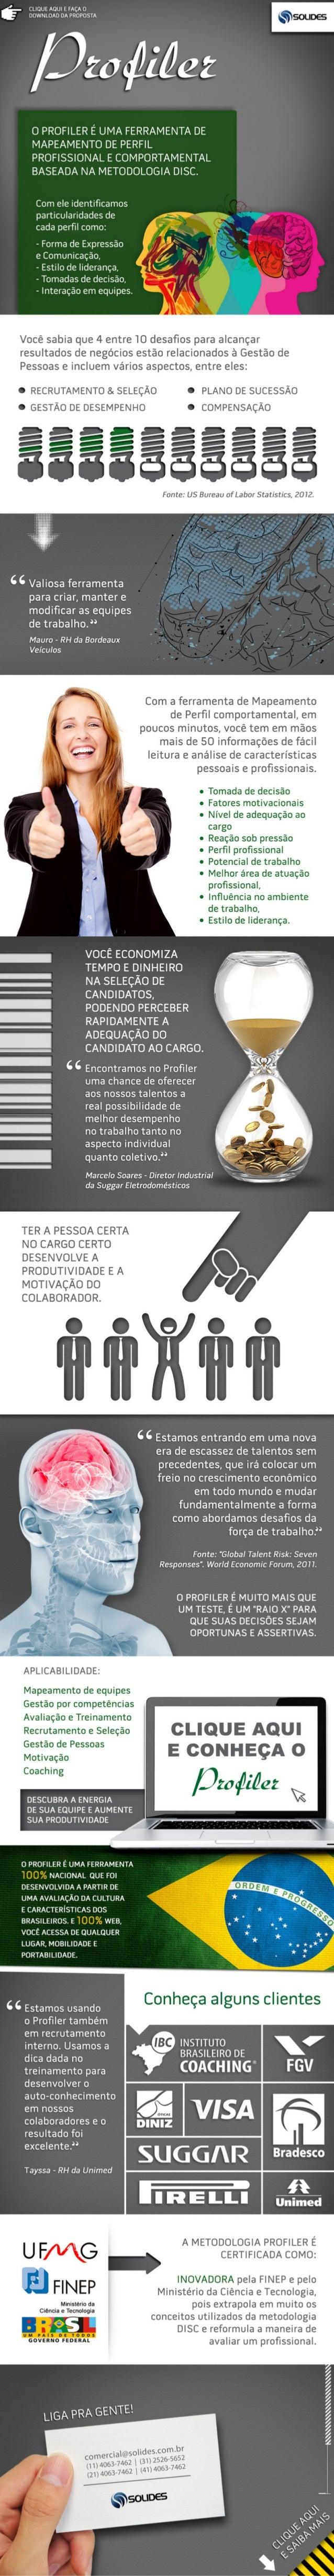 CLIQUE AQUI E FACA 0 DOWNLOAD DA PROPOSTA   / Qzofliflez  O PROFILER E UMA FERRAMENTA DE MAPEAMENTO DE PERFIL PROFISSIONAL E...